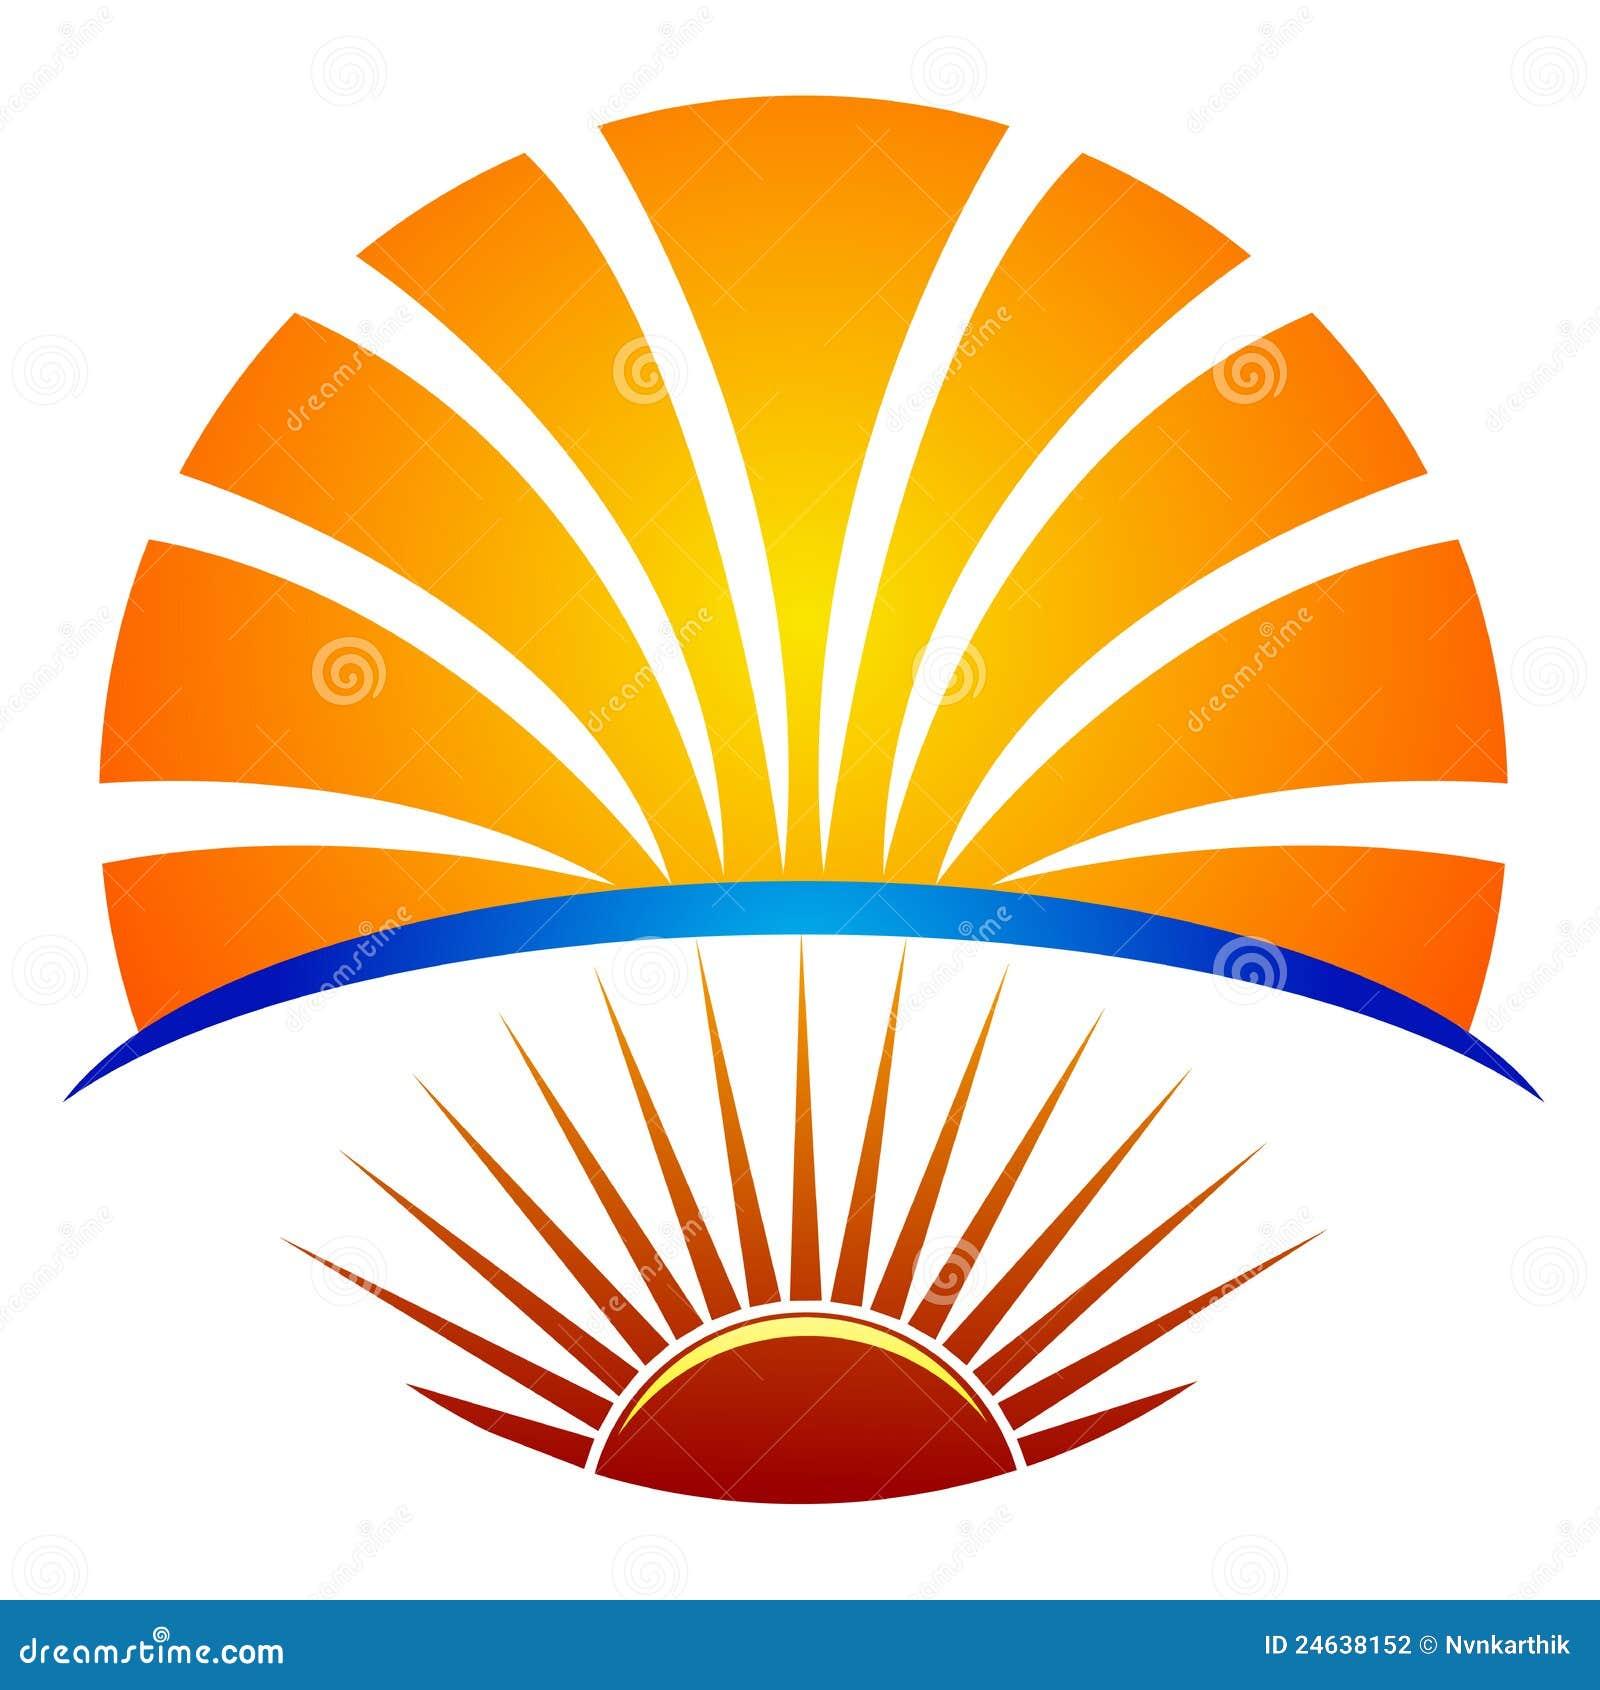 Education Logo Stock Photo - Image: 35003310